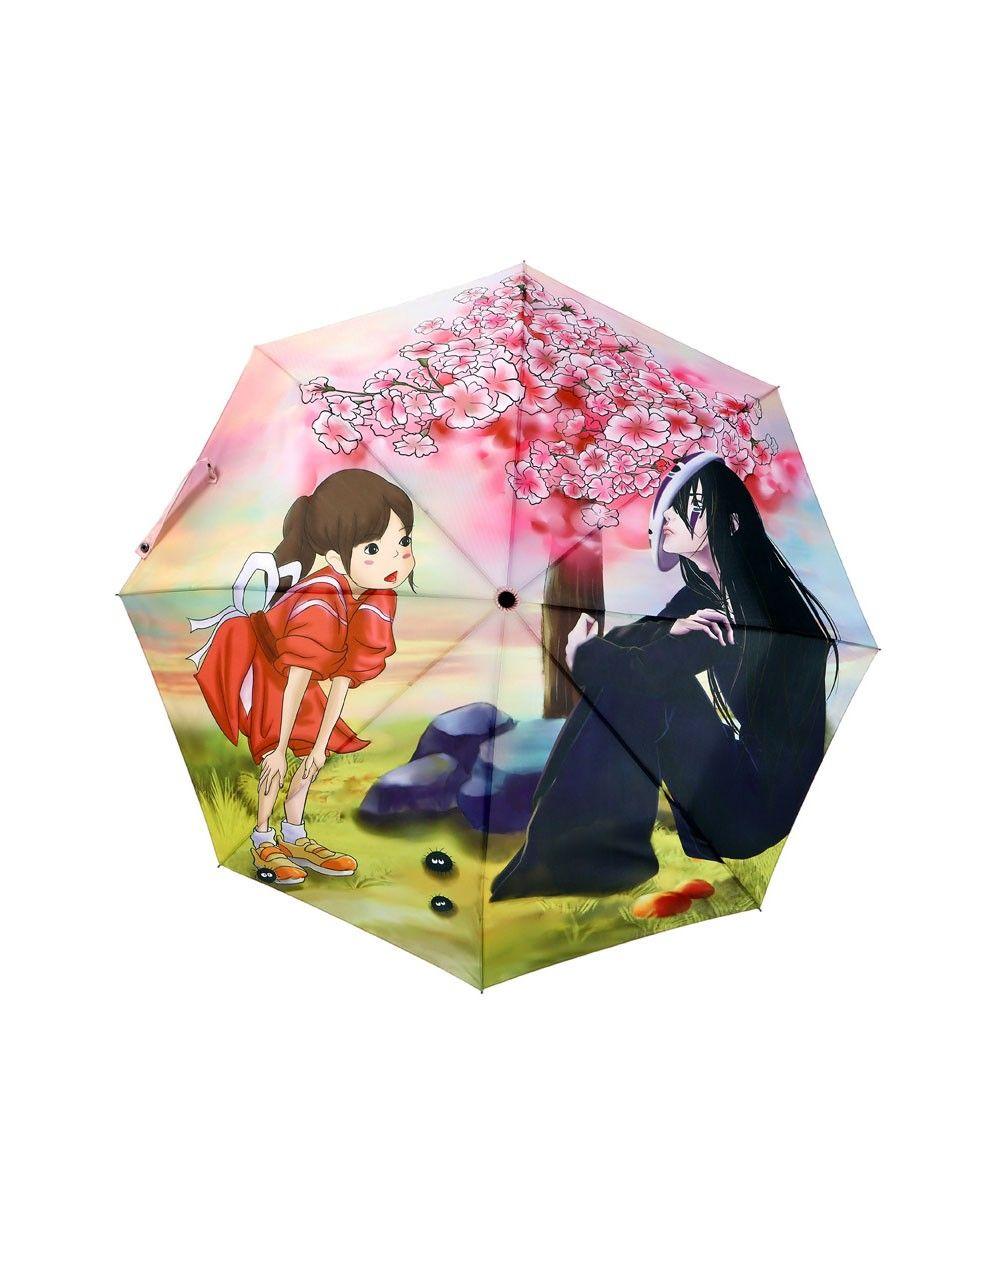 Originality Umbrella Clear Umbrellas Painting Umbrella Best Gift